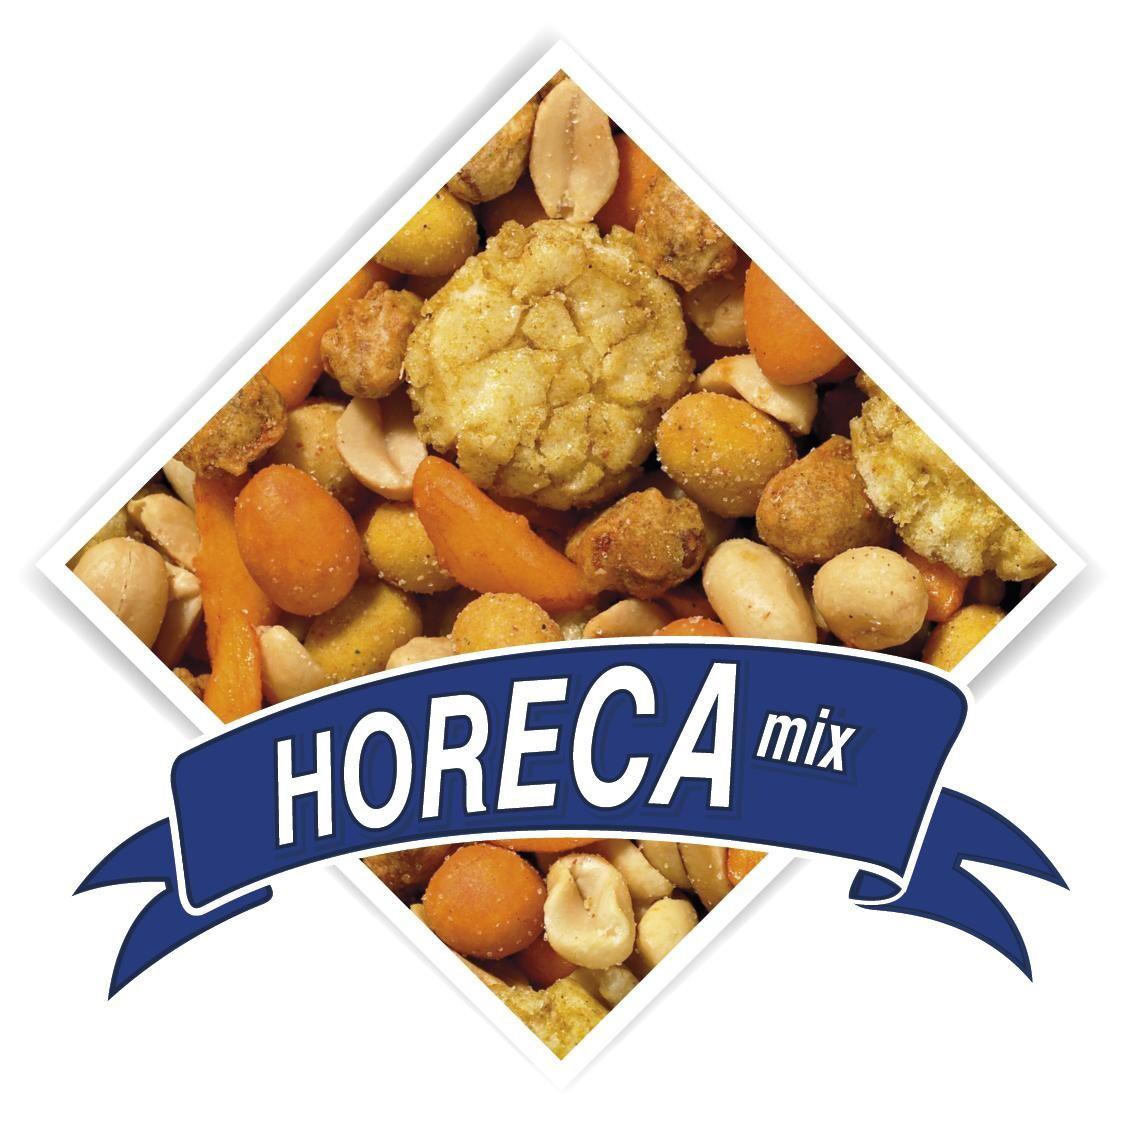 Horeca mix, coated and salted  Peanuts 10L 5kg De Notekraker